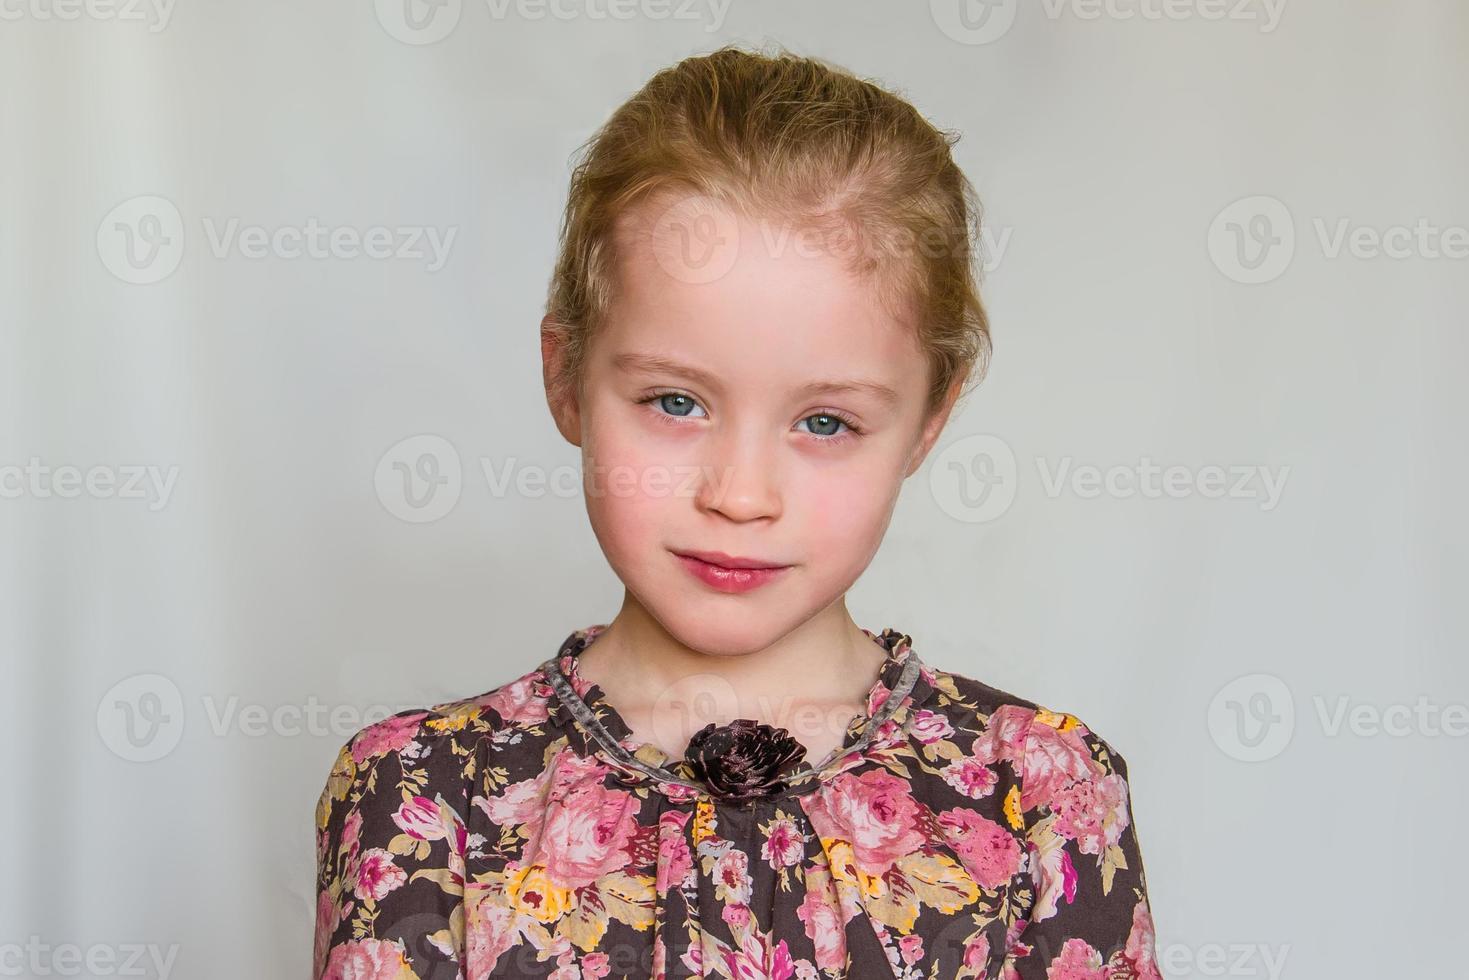 ragazza prescolare calma con i capelli biondi della fragola e vestito fiorito foto